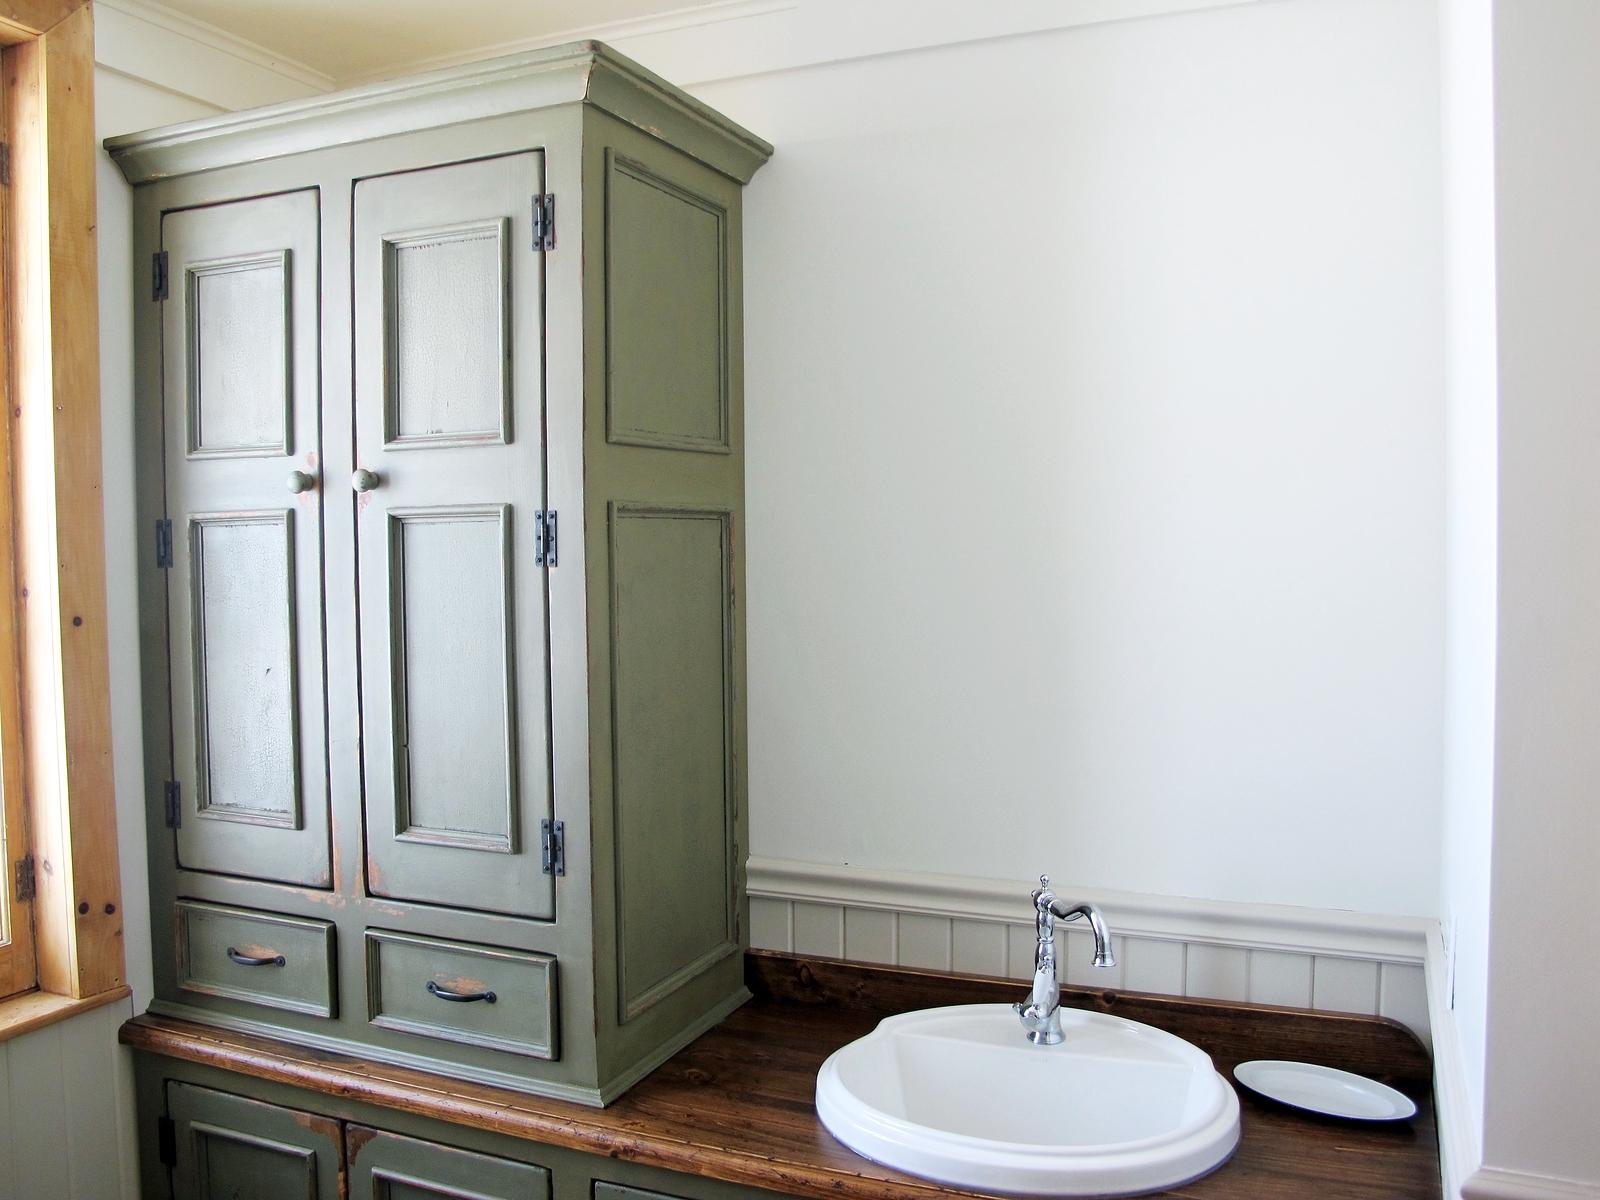 Chambre Parentale Avec Salle De Bain Et Dressing Plan ~ Vanit Armoire Anique Salle De Bain Sur Mesure Mont Tremblant